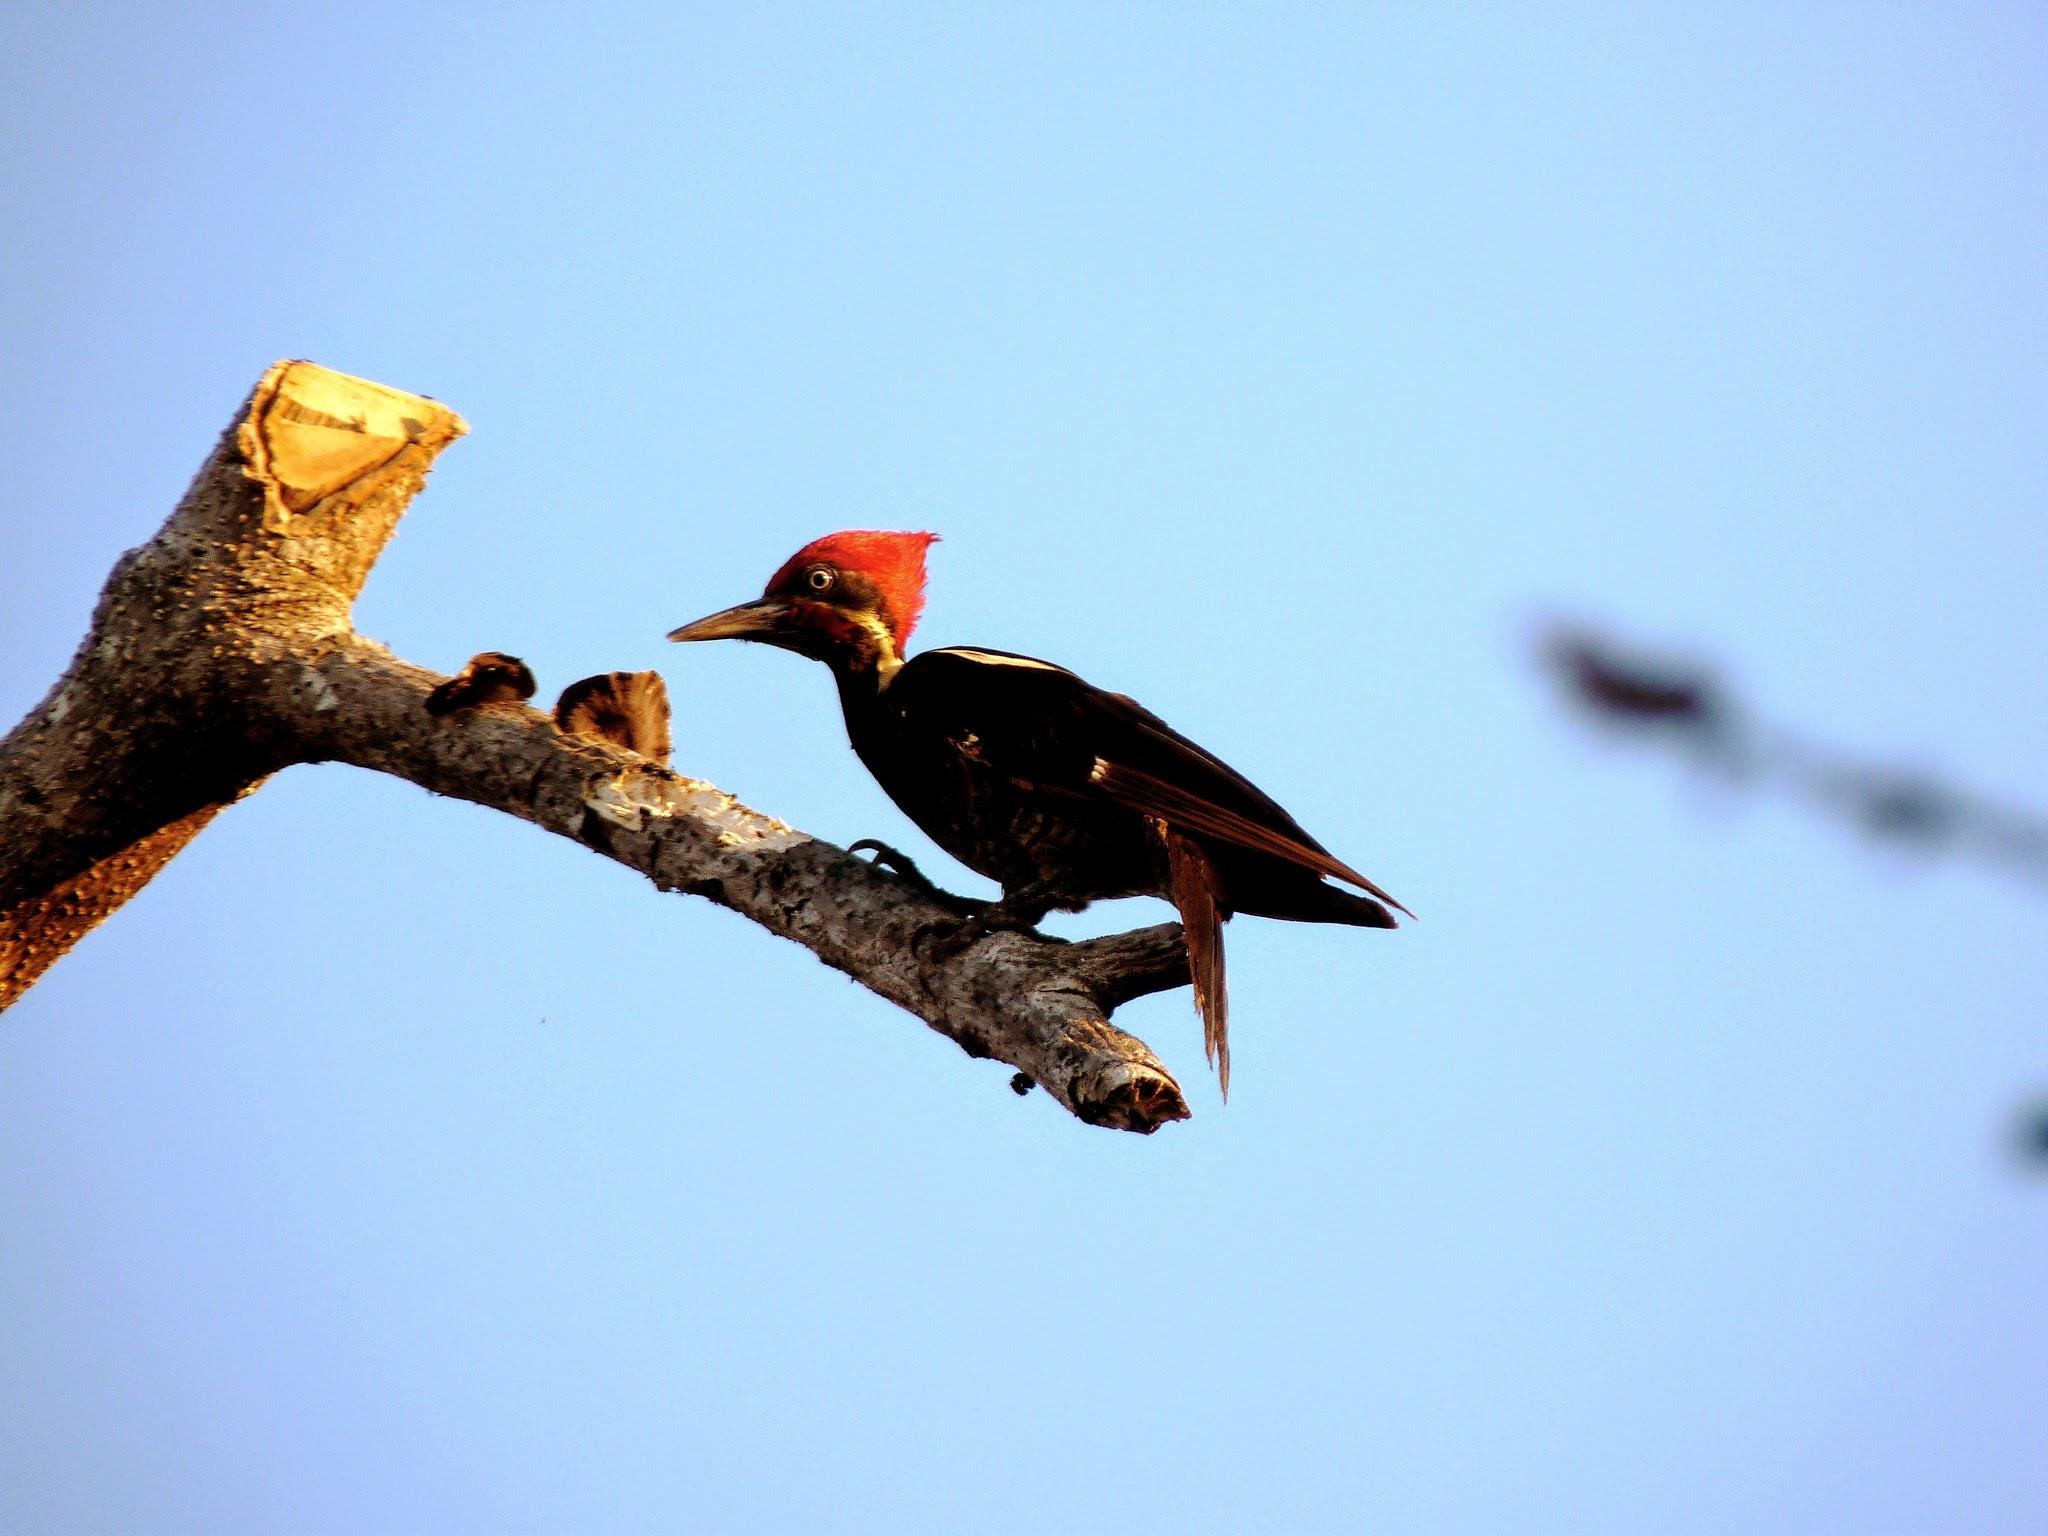 Hoffman Woodpecker